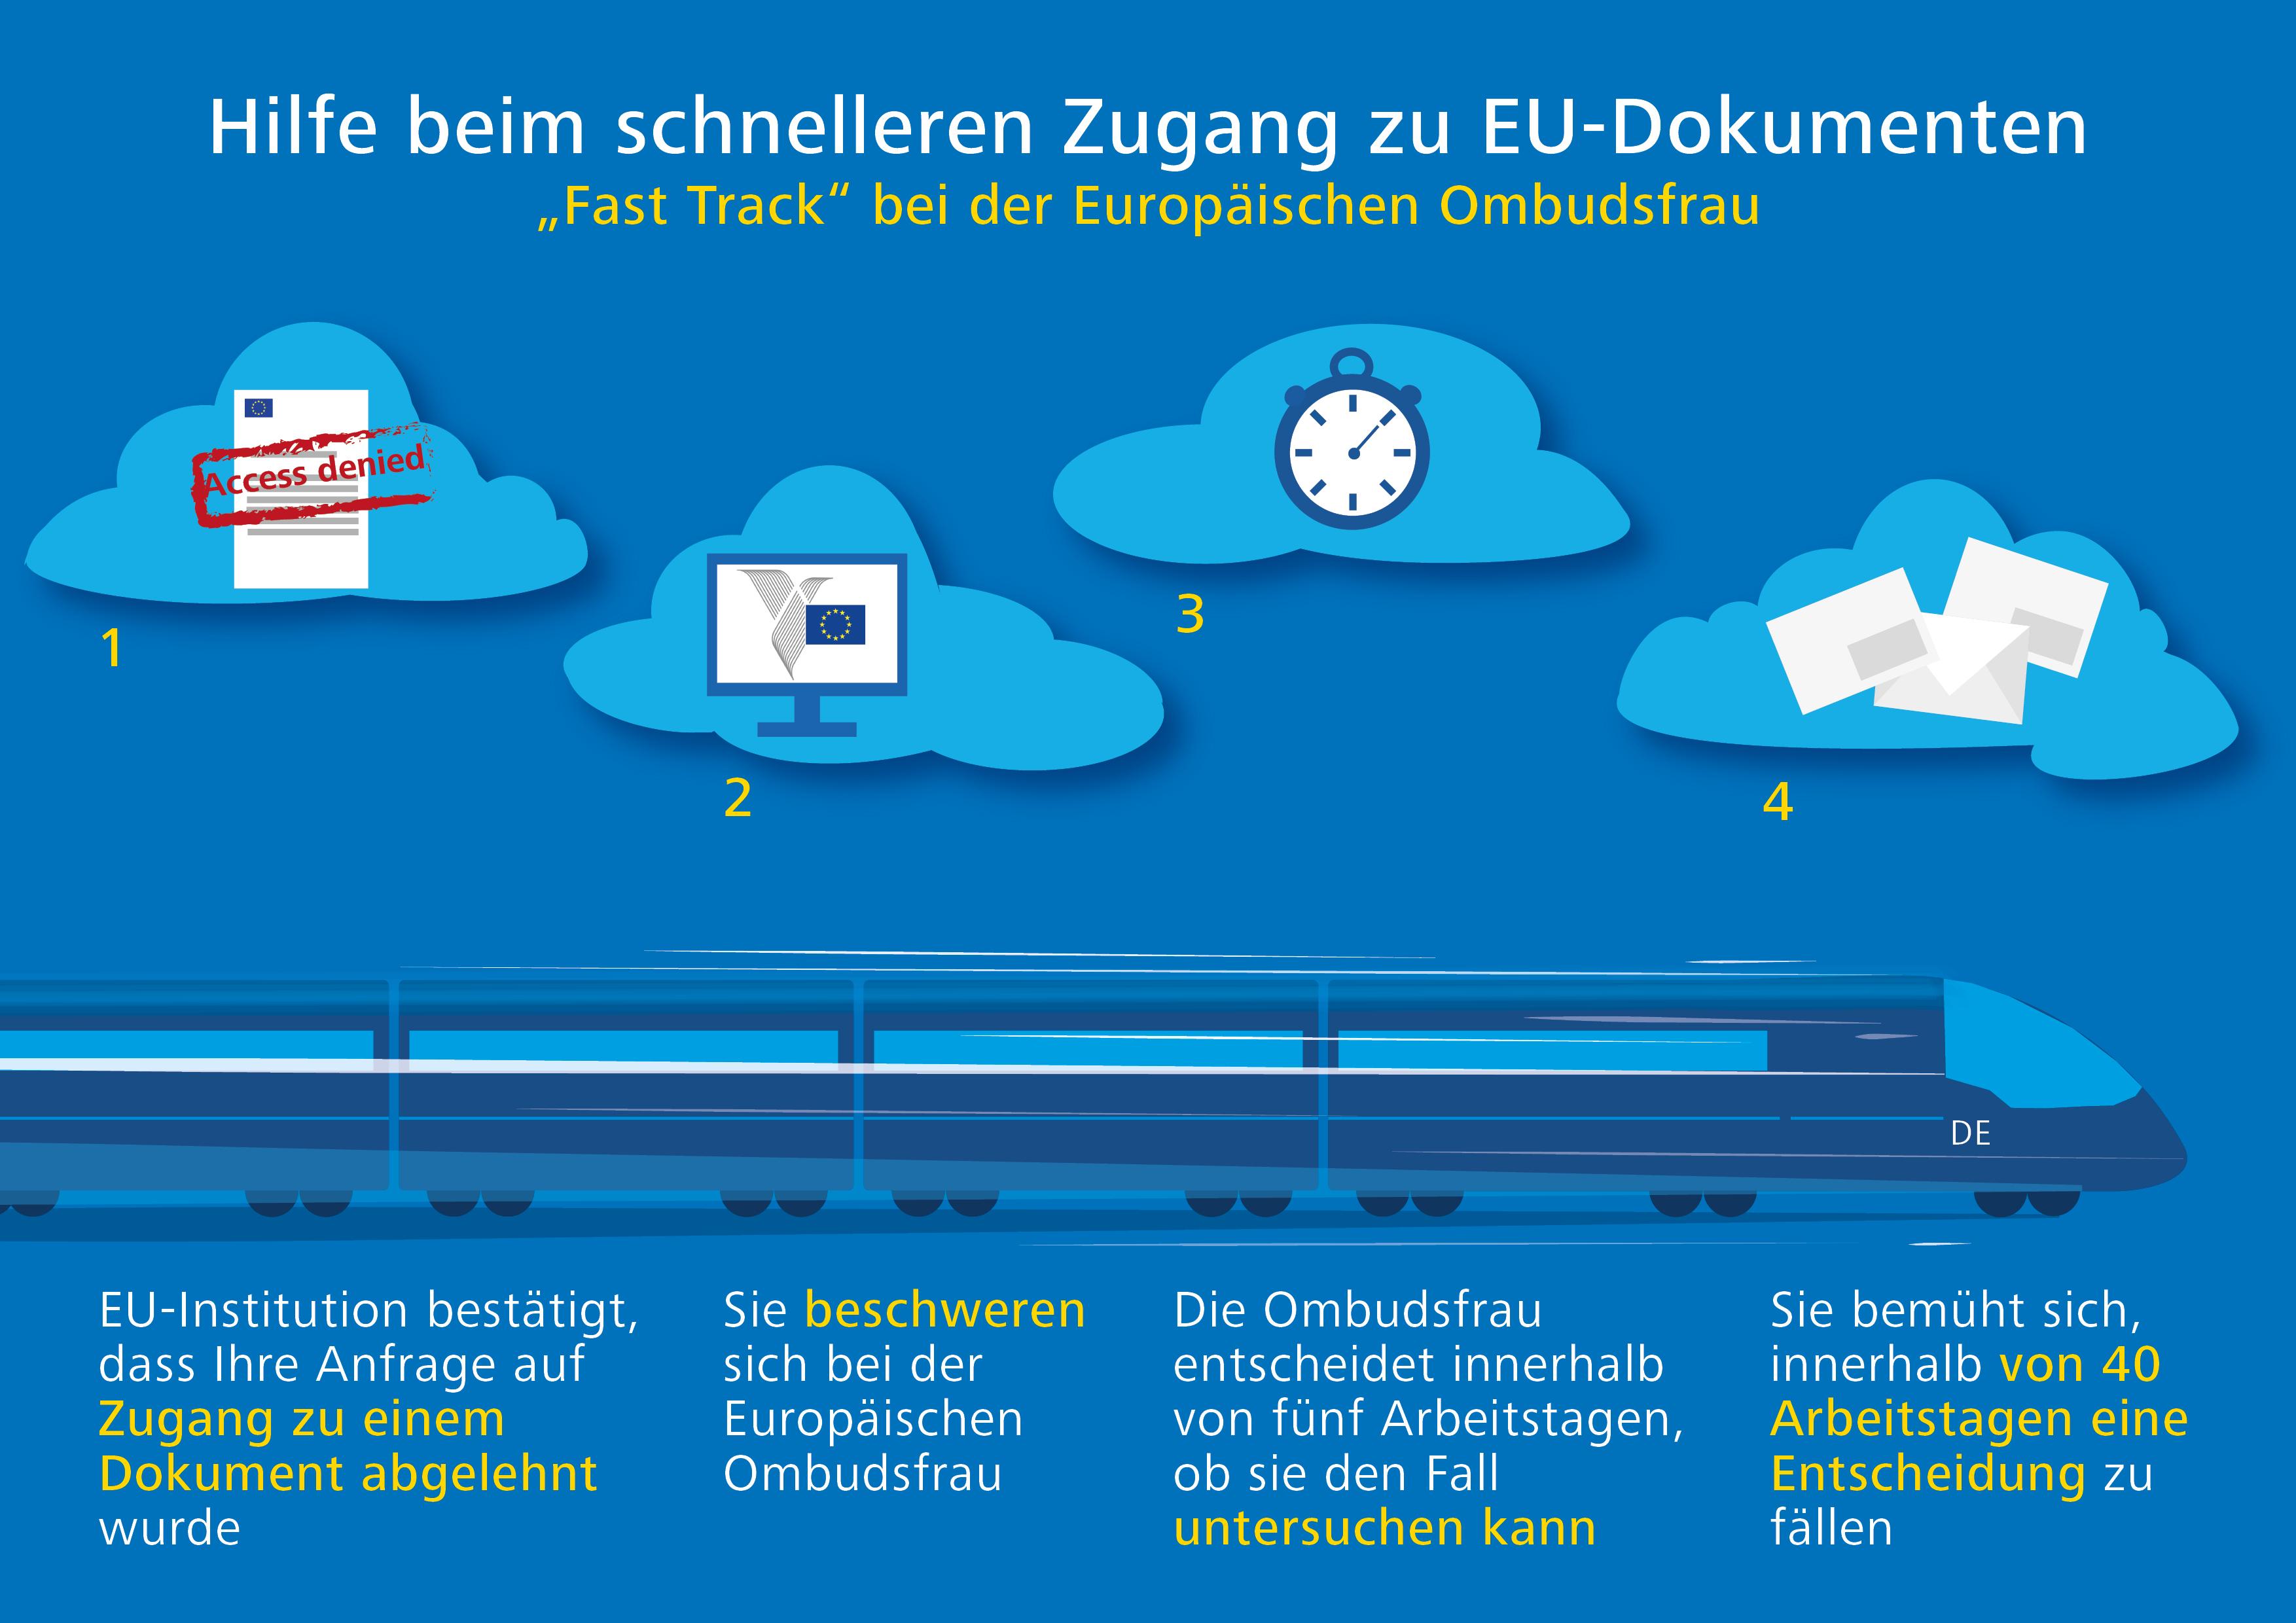 Hilfe beim schnelleren Zugang zu EU-Dokumenten